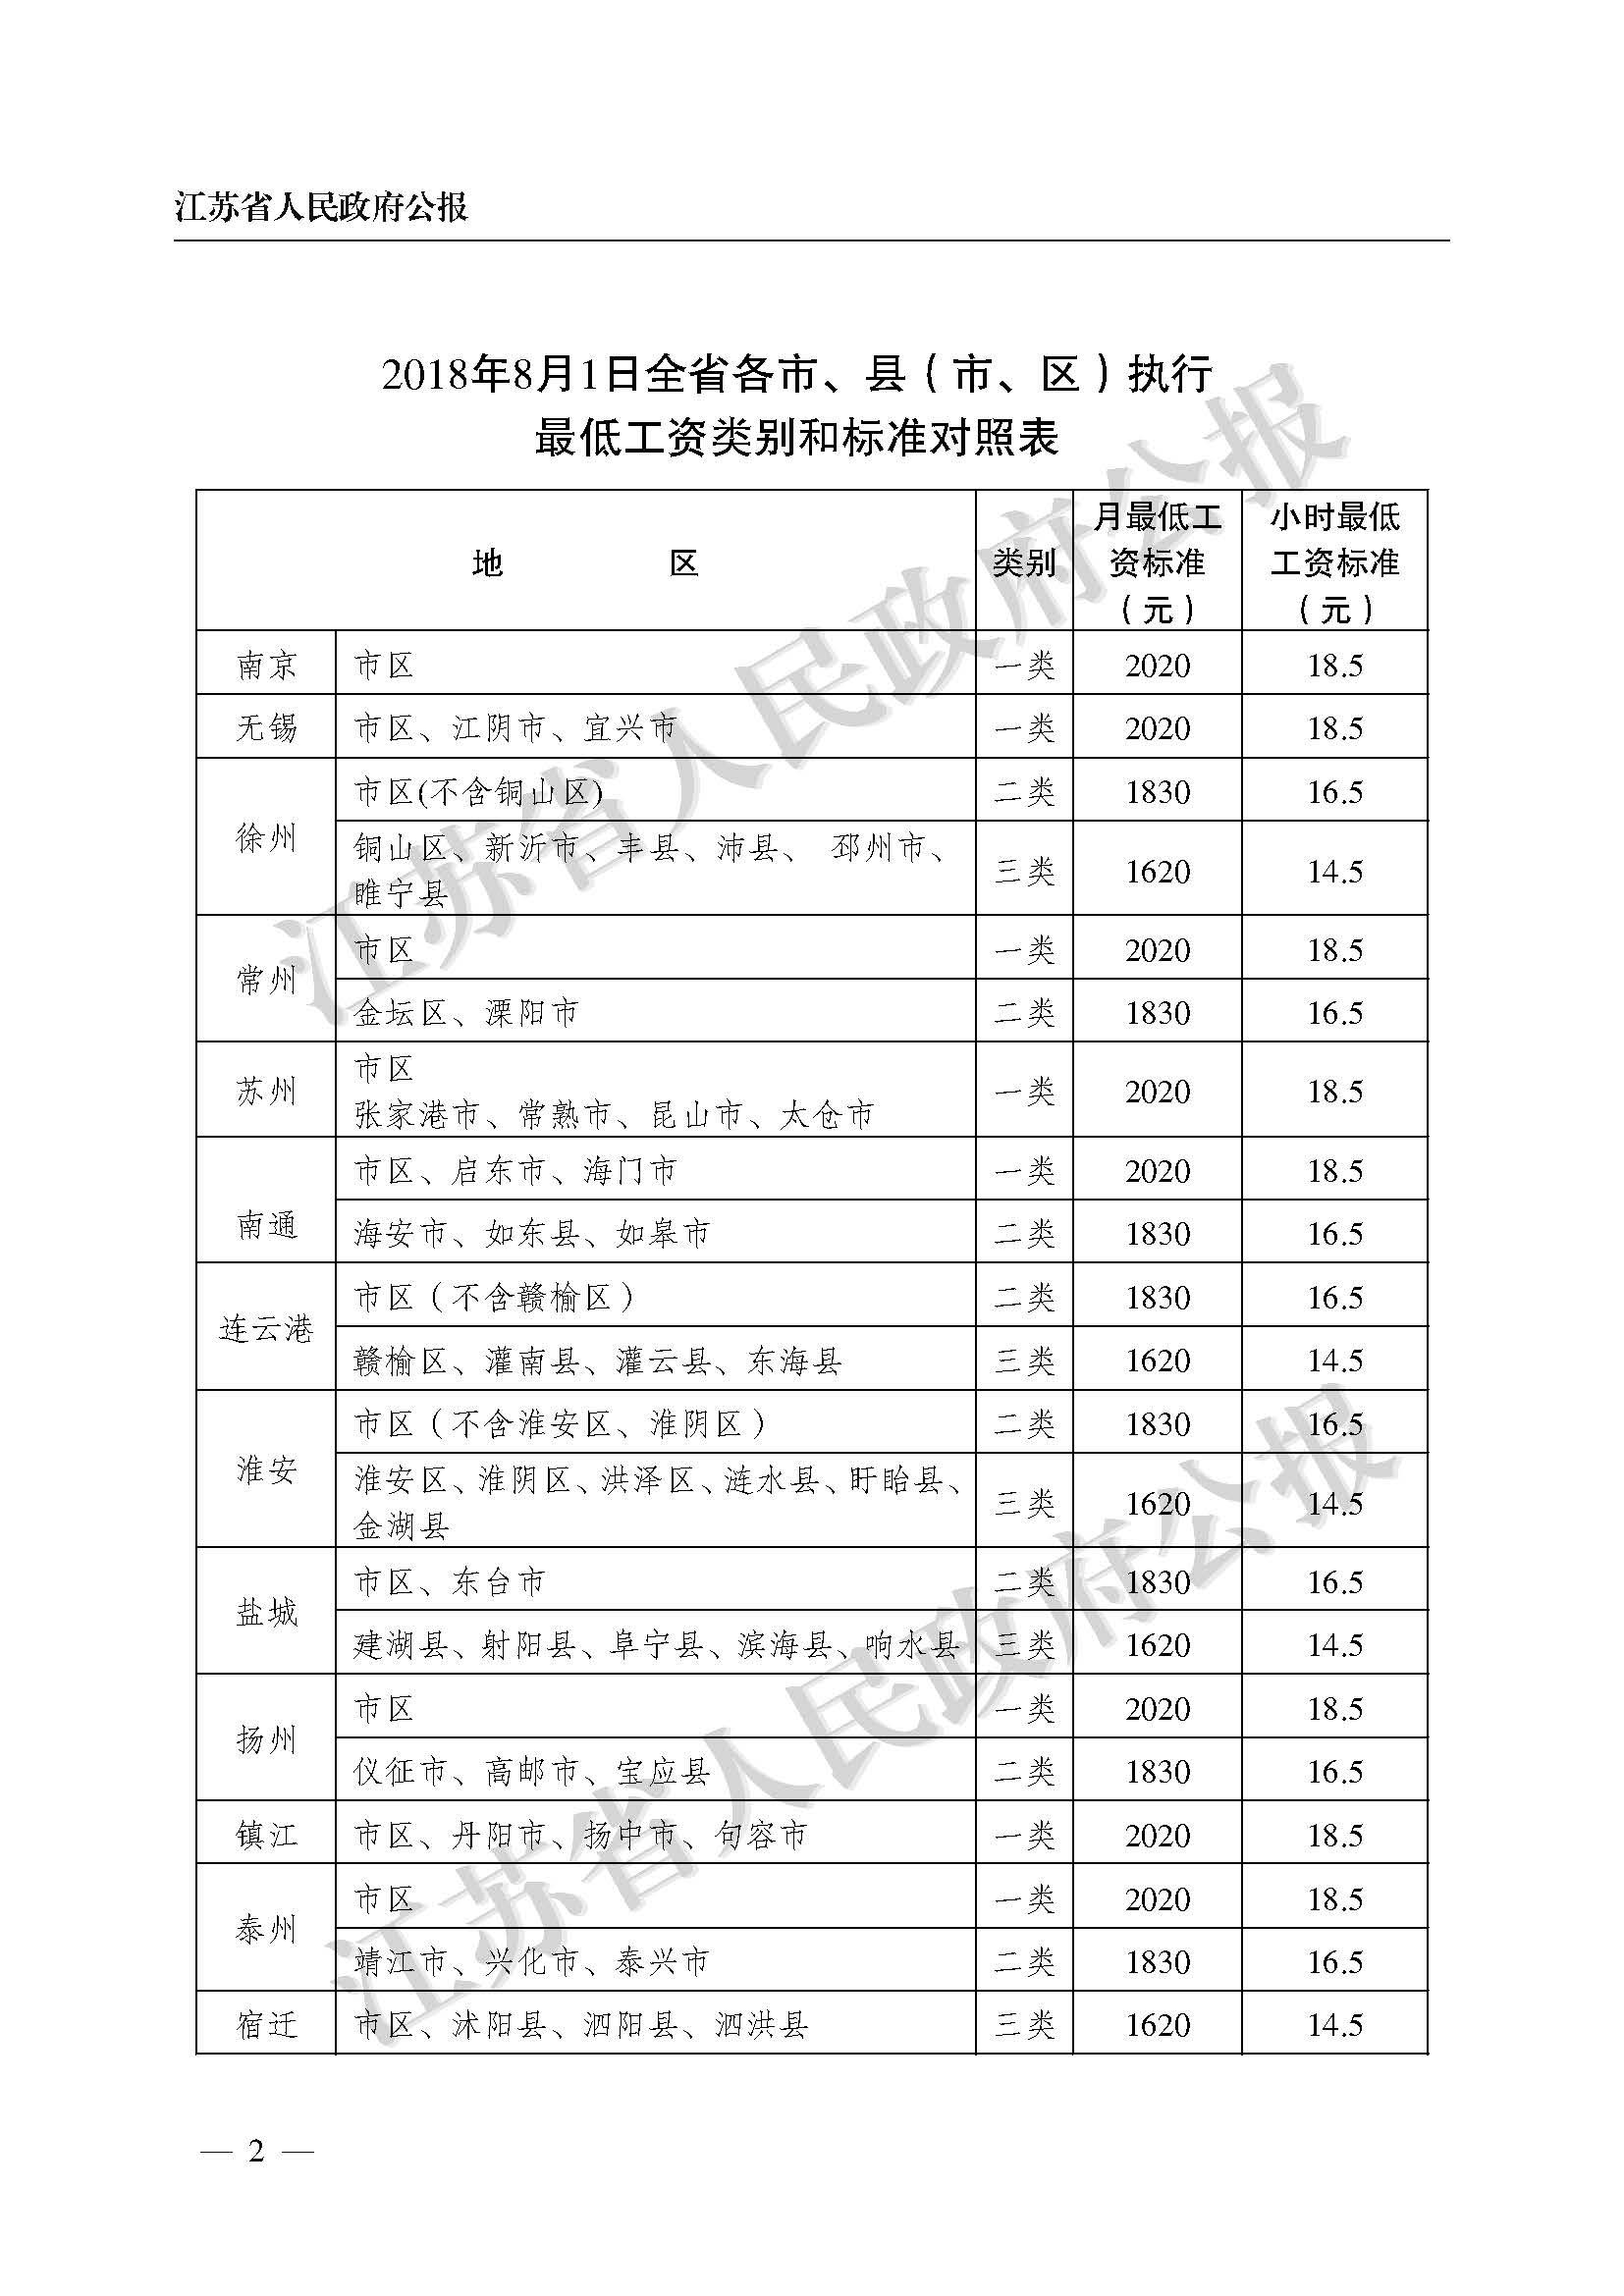 2021年江苏省最低工资市县对照表